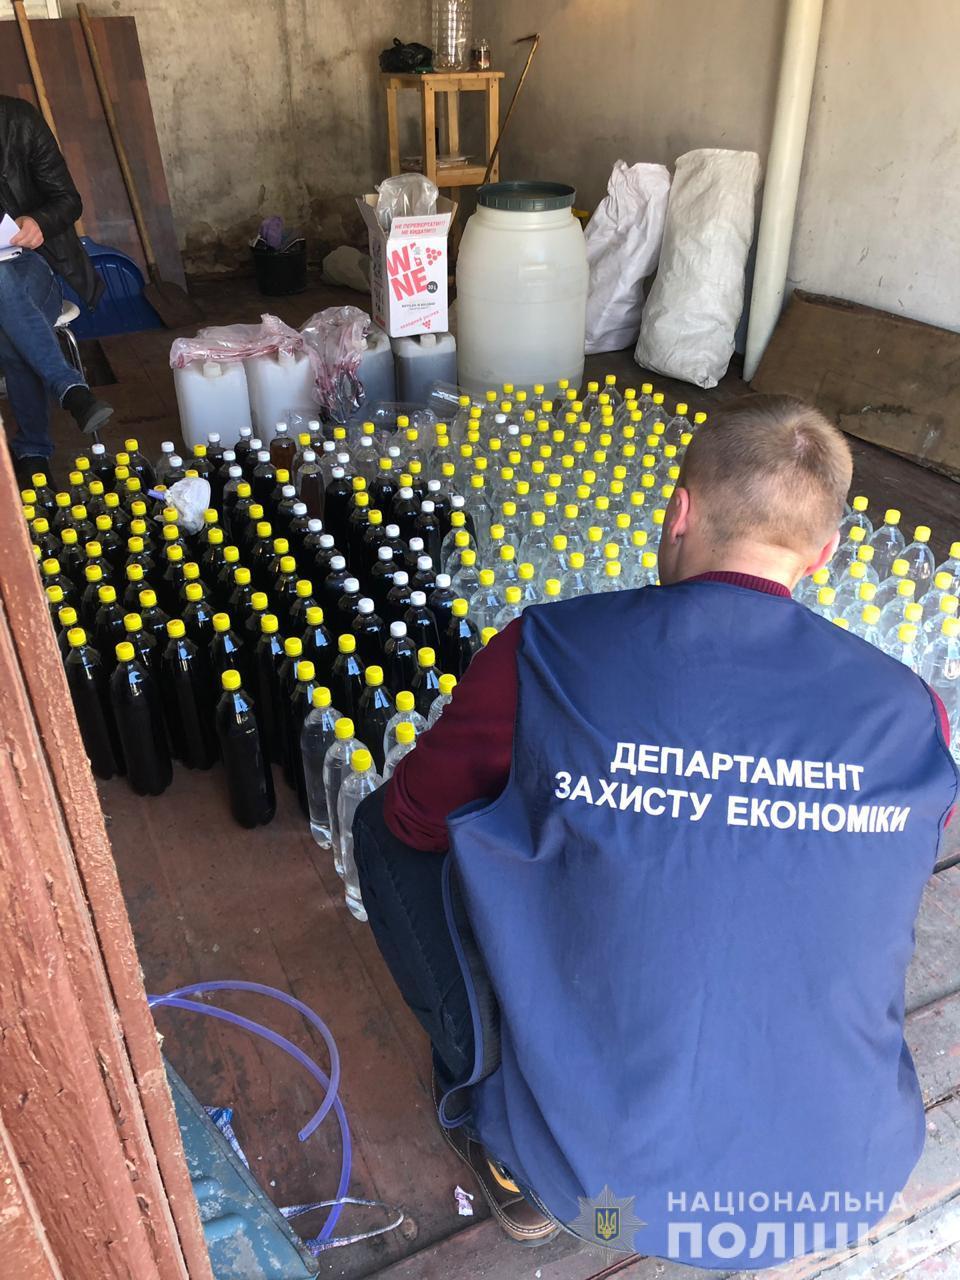 index22 - На Житомирщині через деякі торгівельні мережі реалізовували алкоголь-фальсифікат